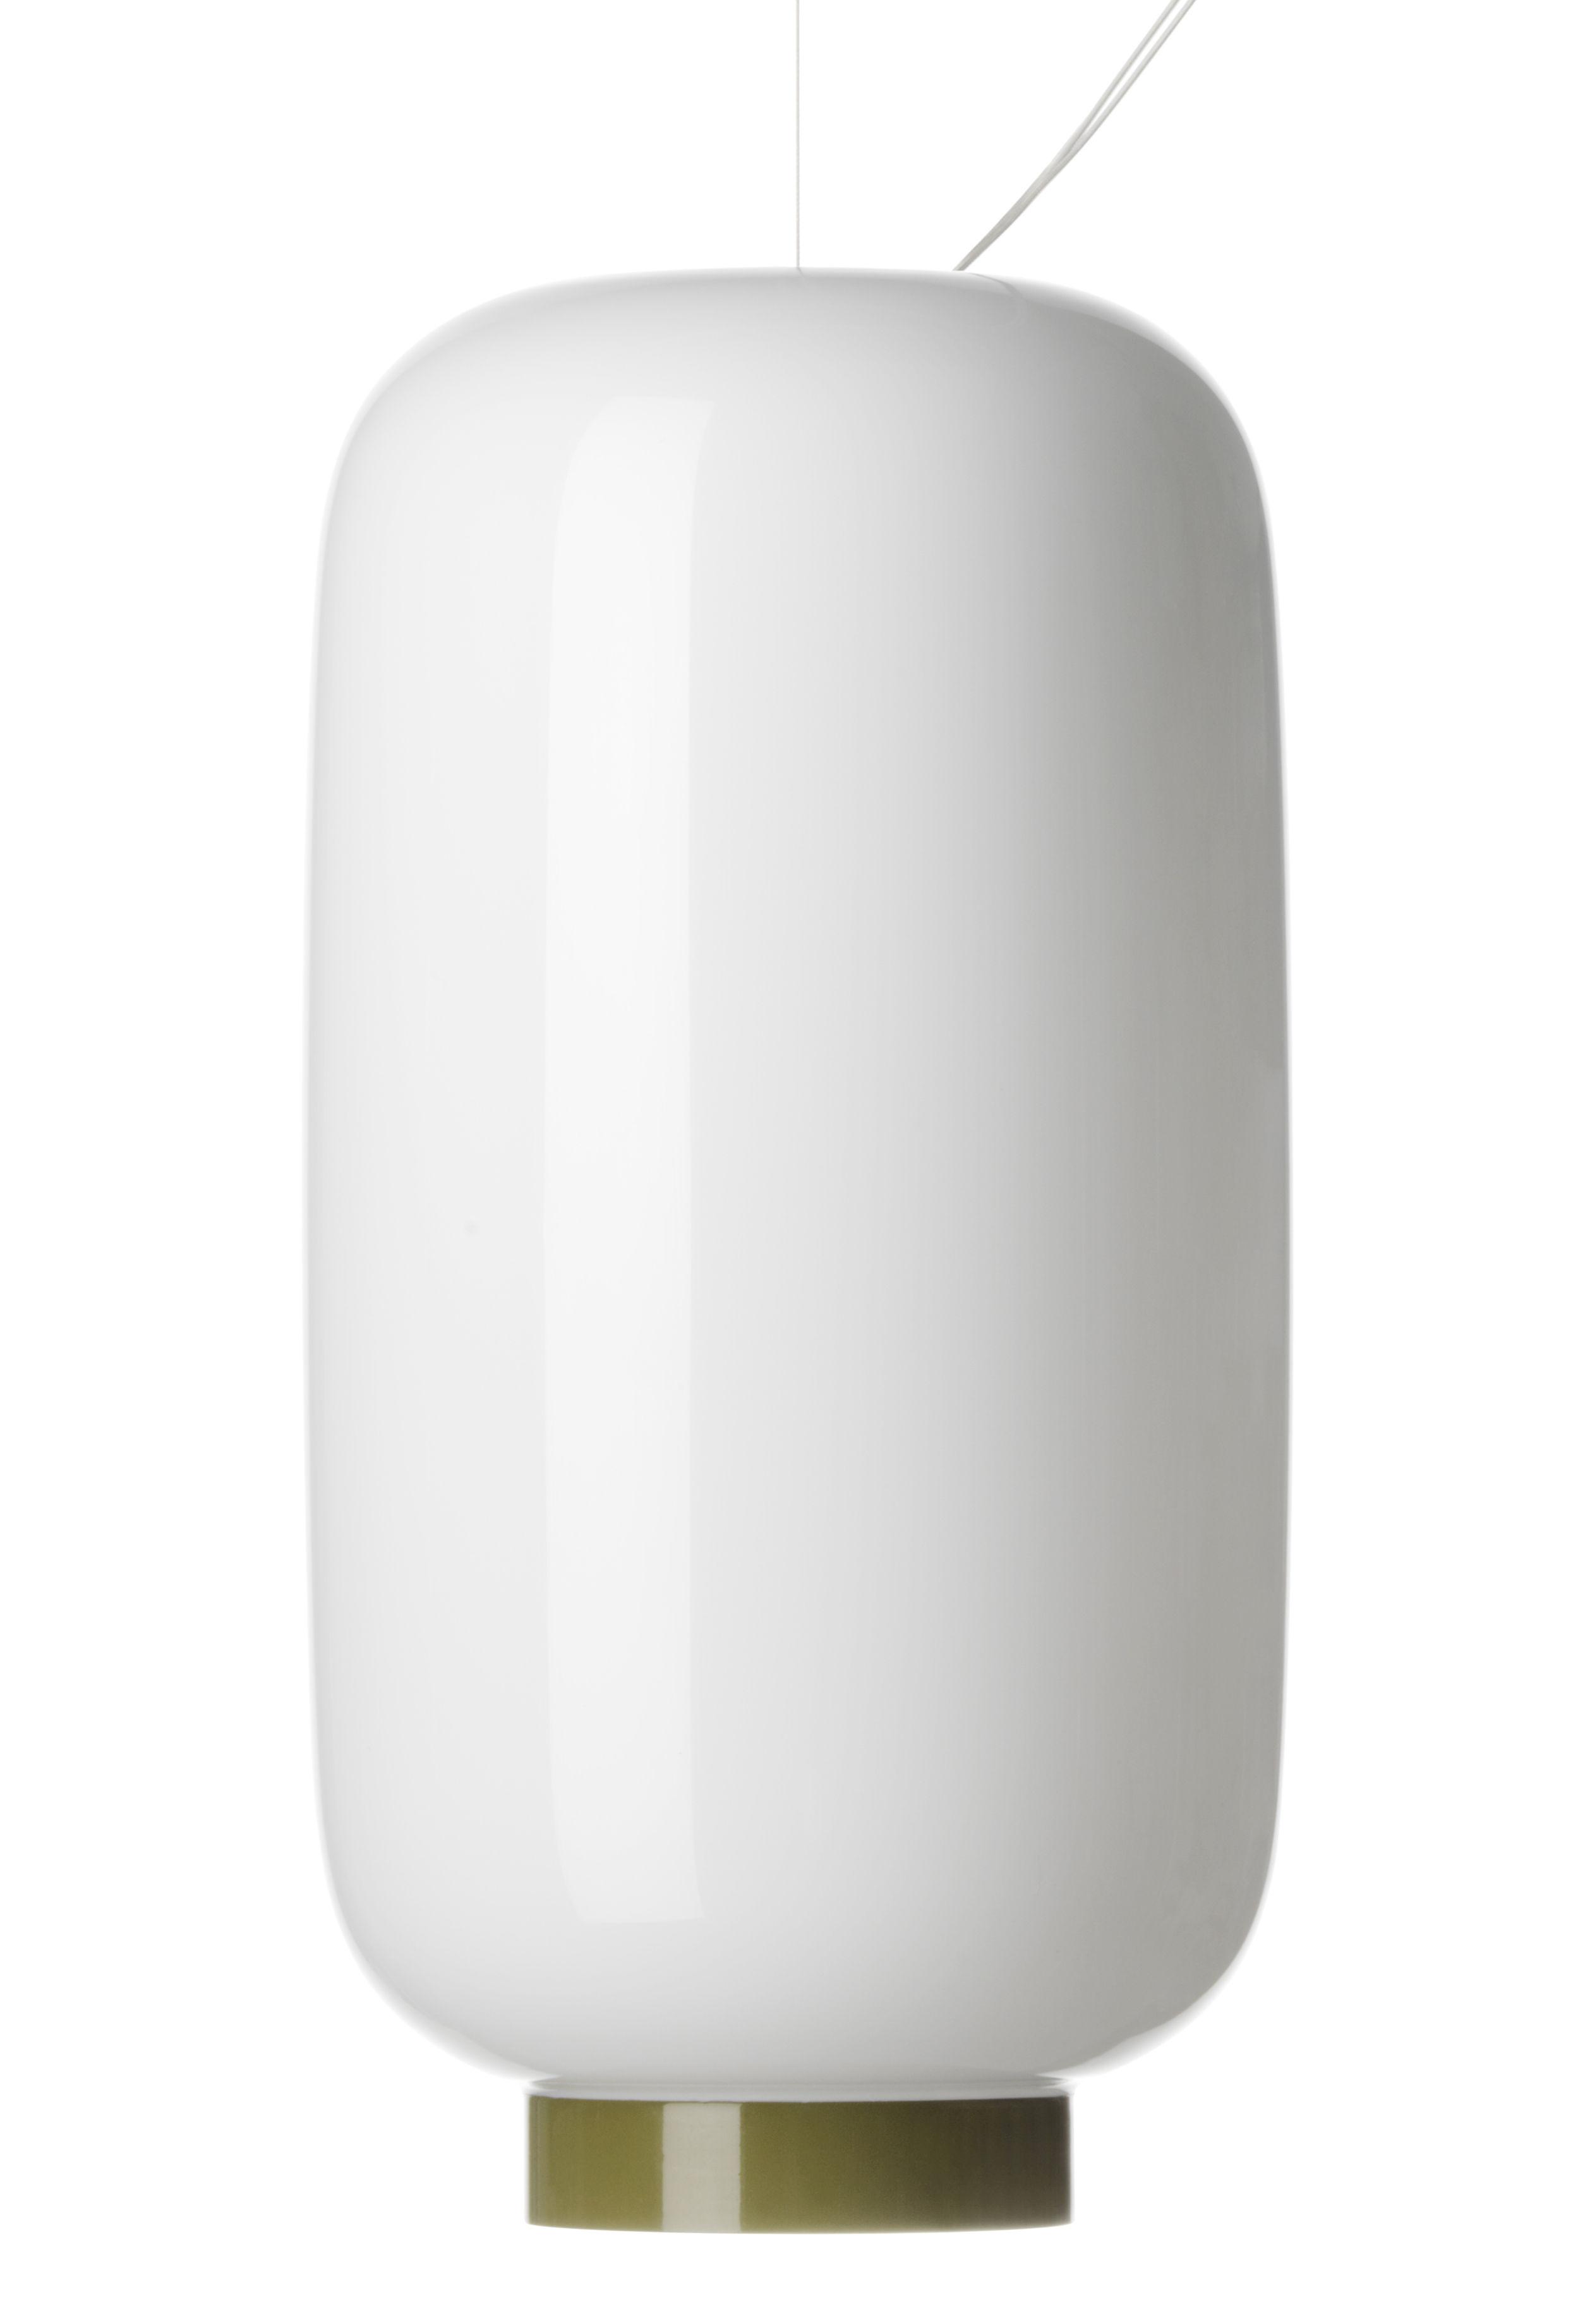 Illuminazione - Lampadari - Sospensione Chouchin Reverse n°2 / Ø 22 cm x H 43 cm - Foscarini - Bianco / Striscia verde - Vetro soffiato a bocca laccato